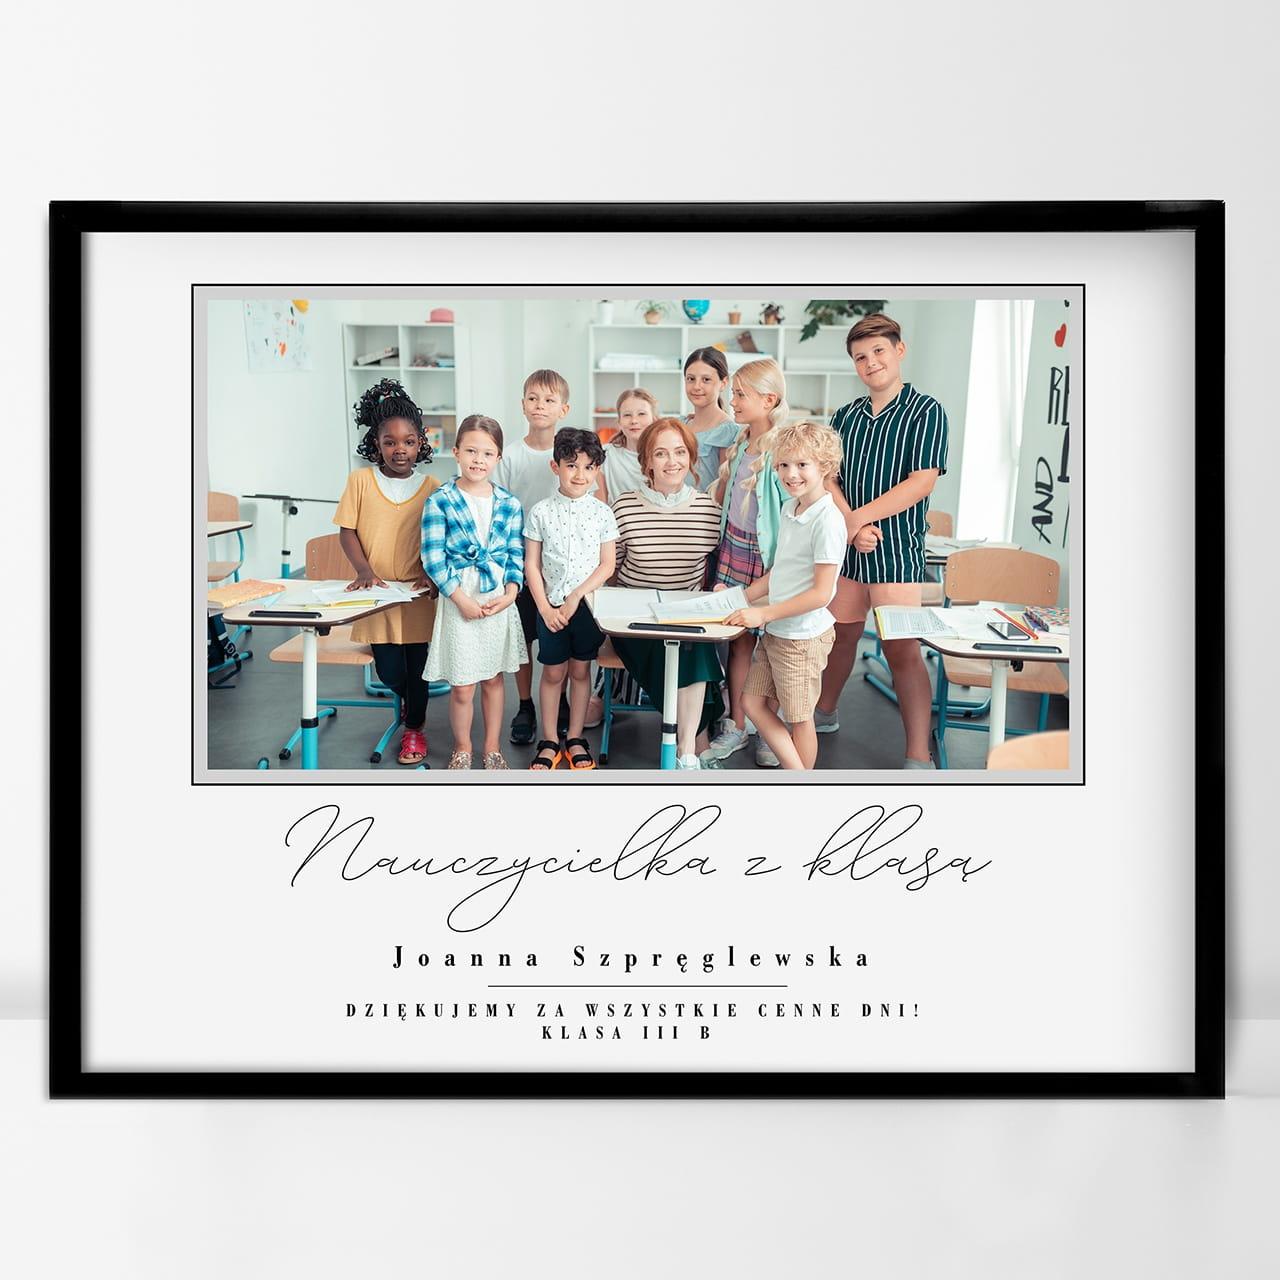 Plakat ze zdjęciem to idealny prezent na Dzień Nauczyciela